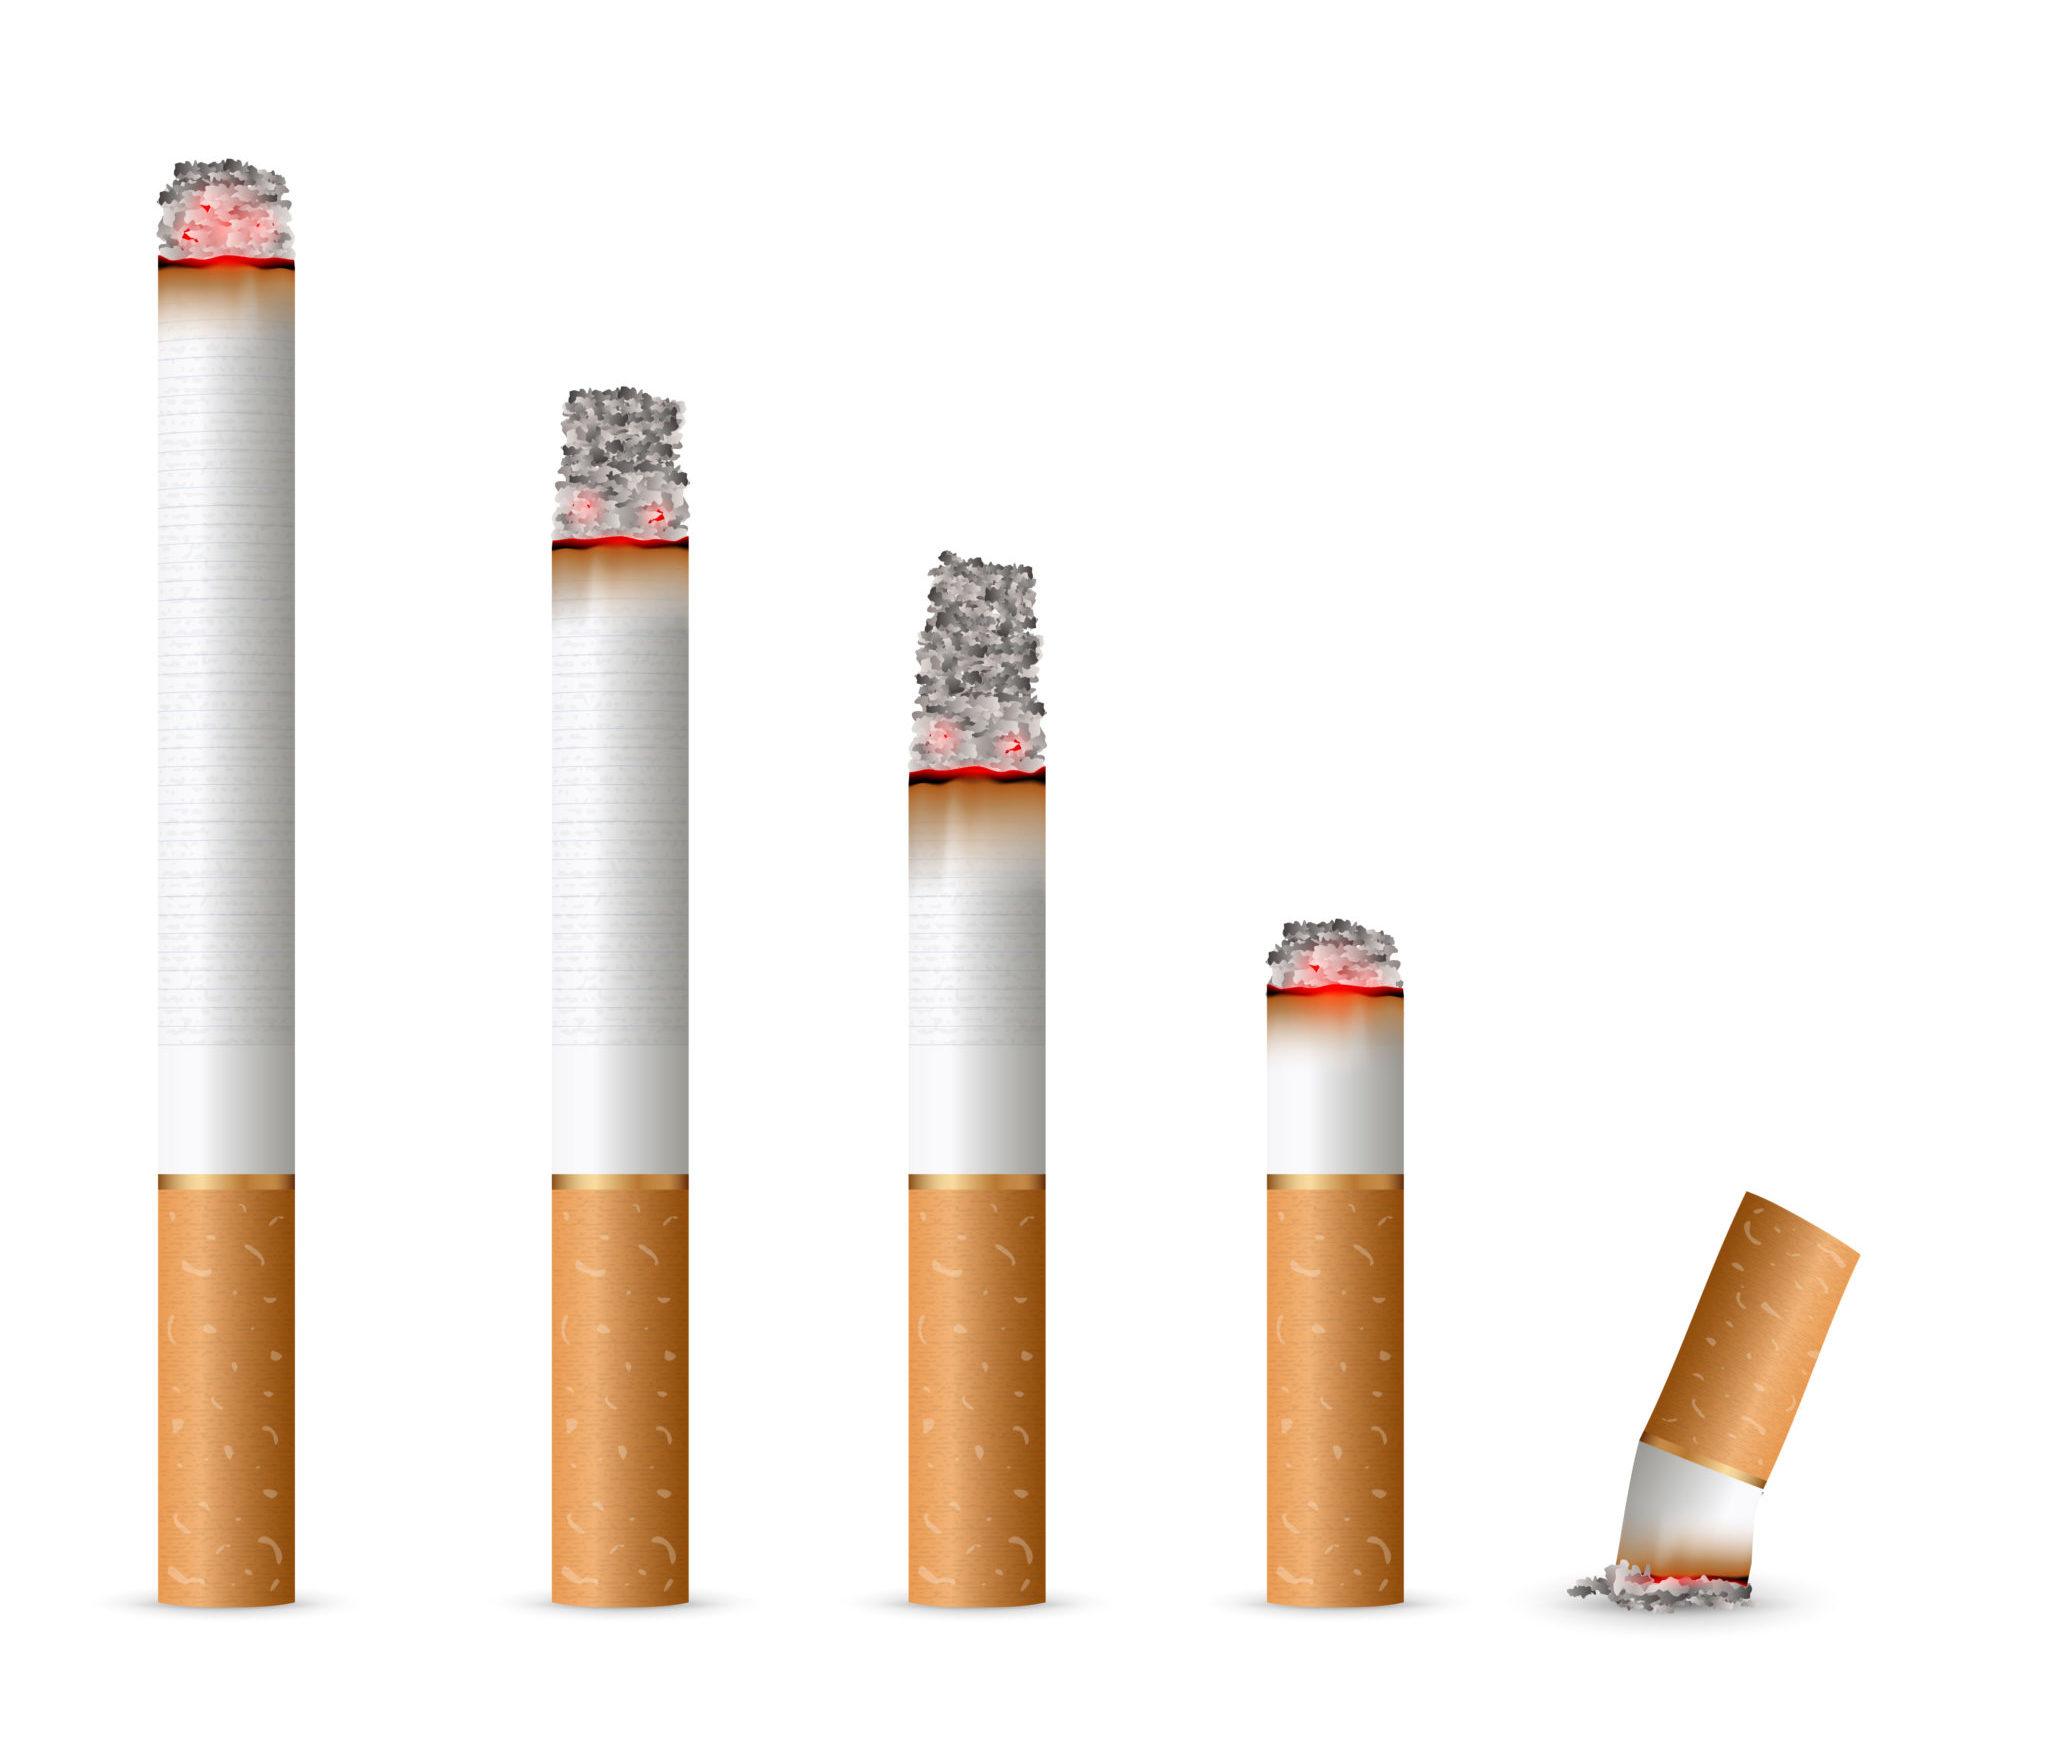 ¡Increíble, pero cierto! El CEO de Marlboro pide prohibir los cigarros para 2030